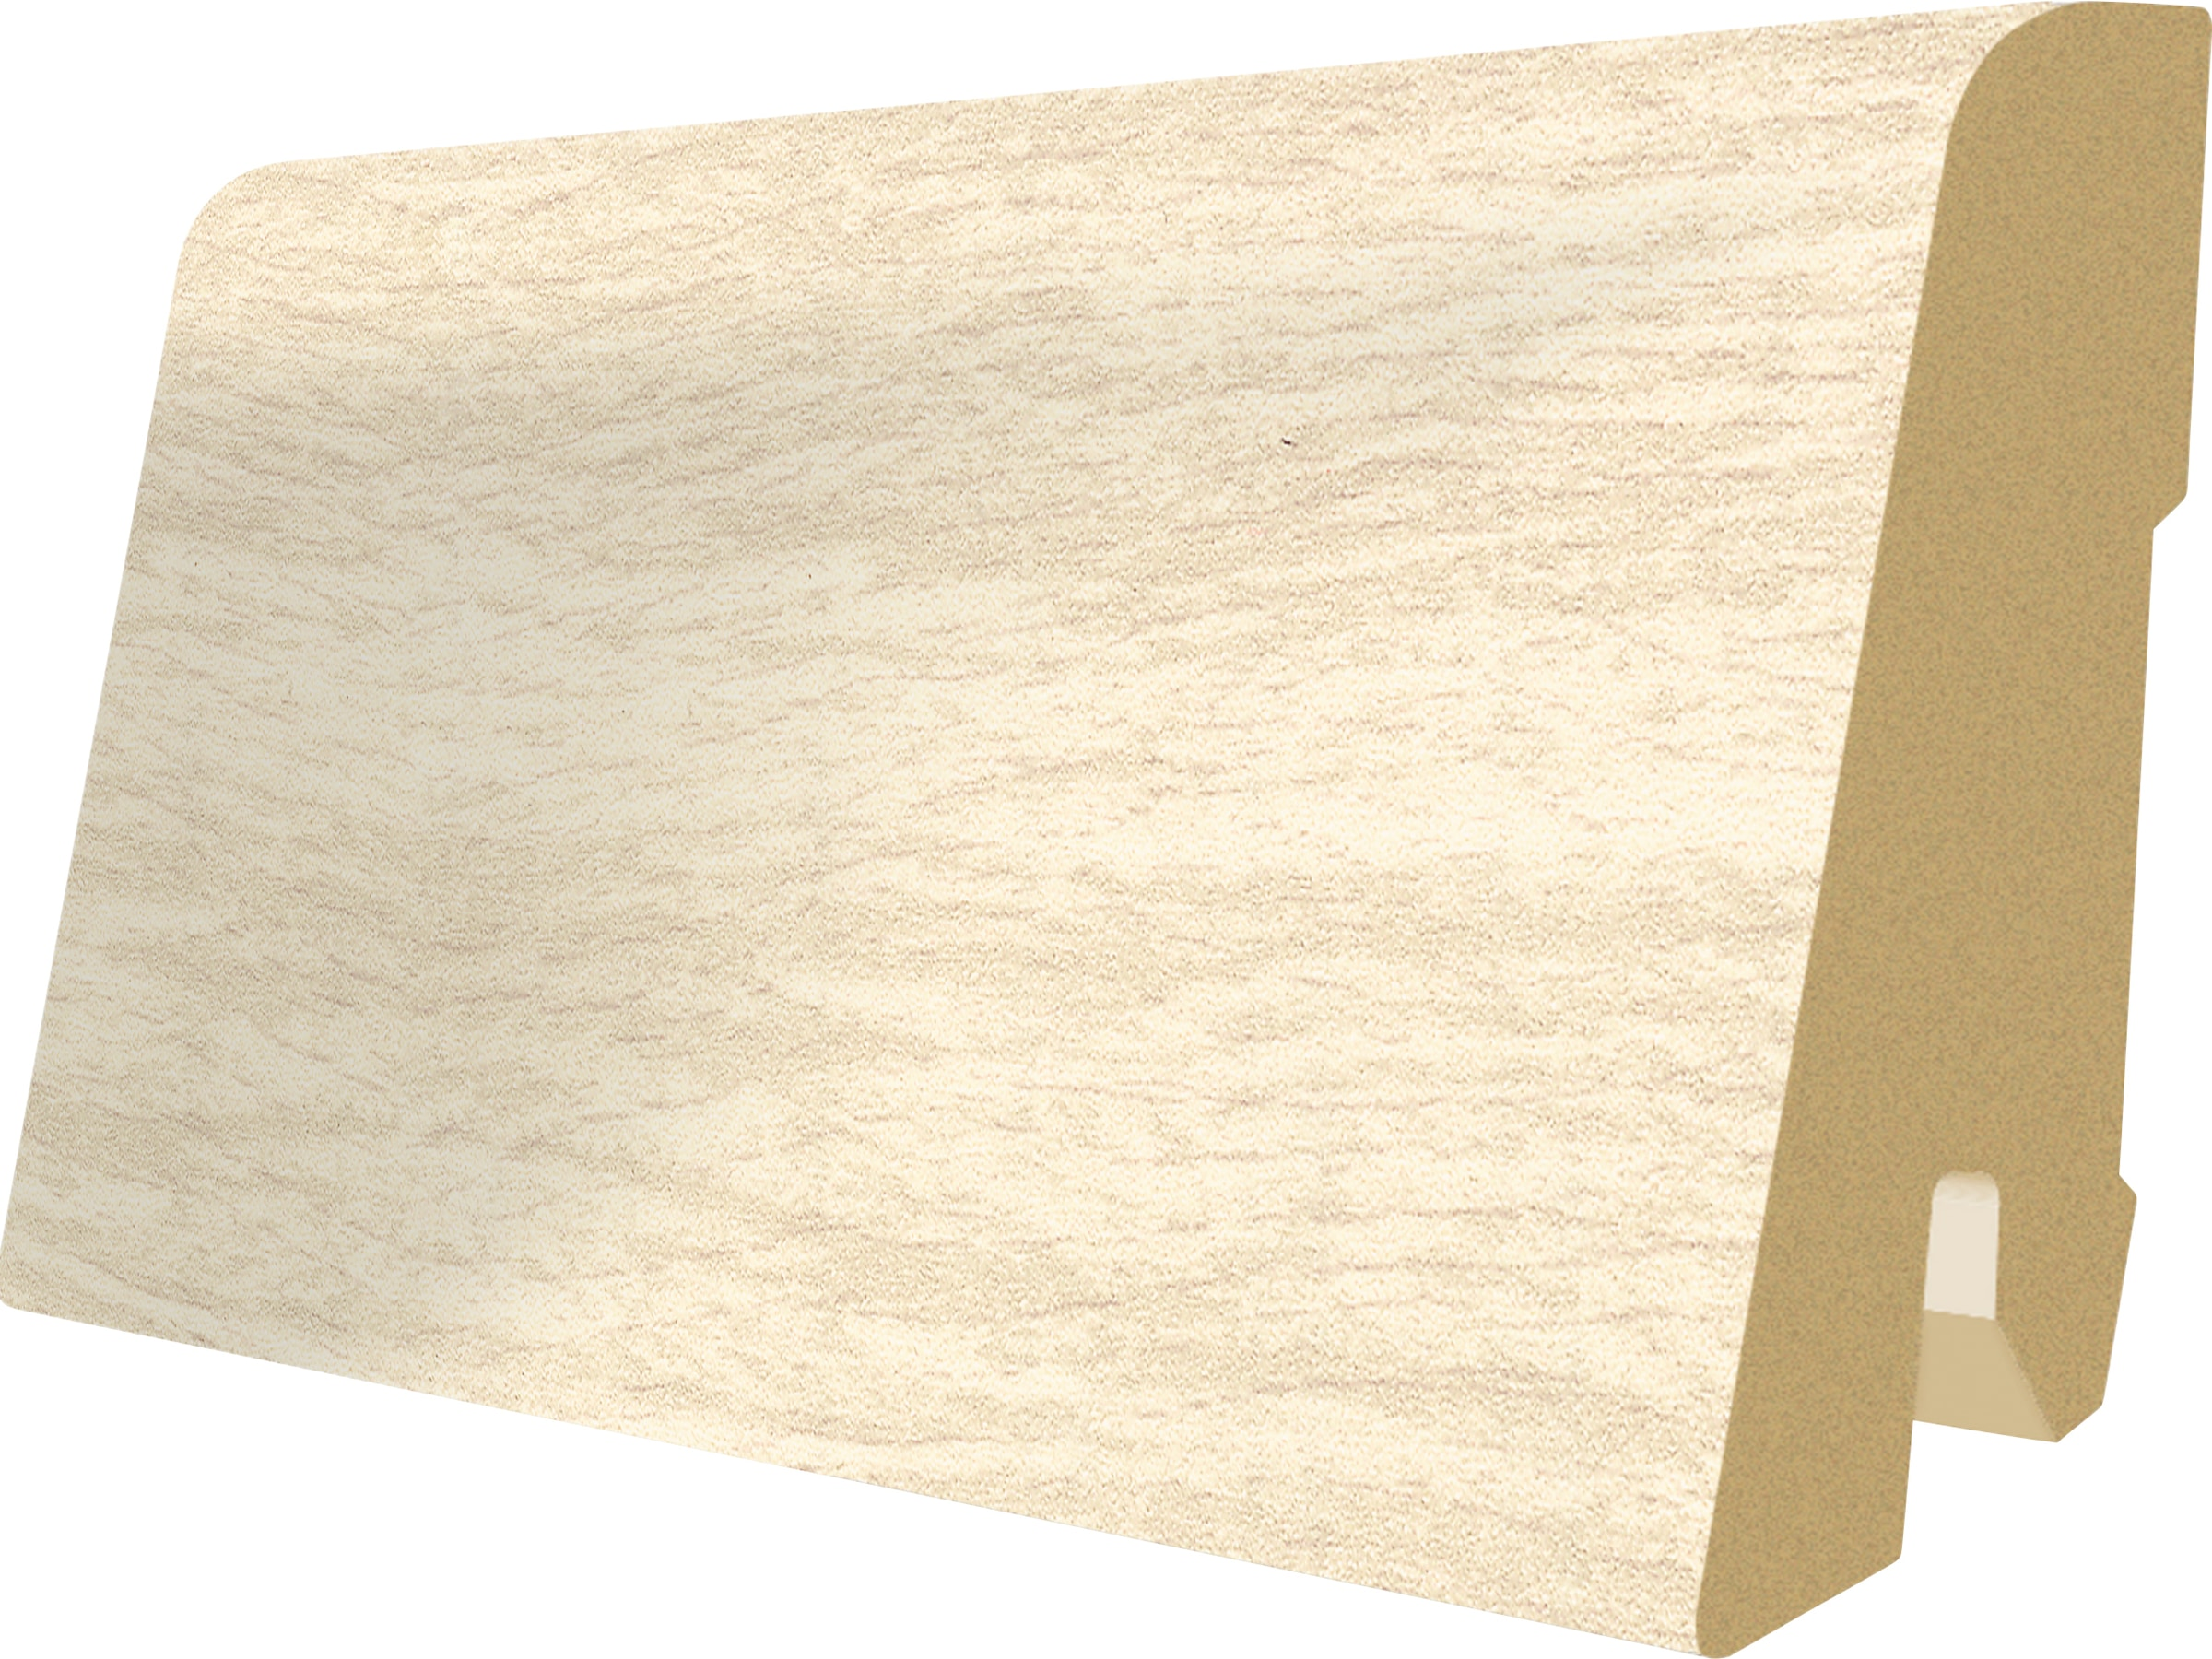 6 cm Sockelhöhe Nussbaum Colorado 240 Länge EGGER Sockelleiste L185